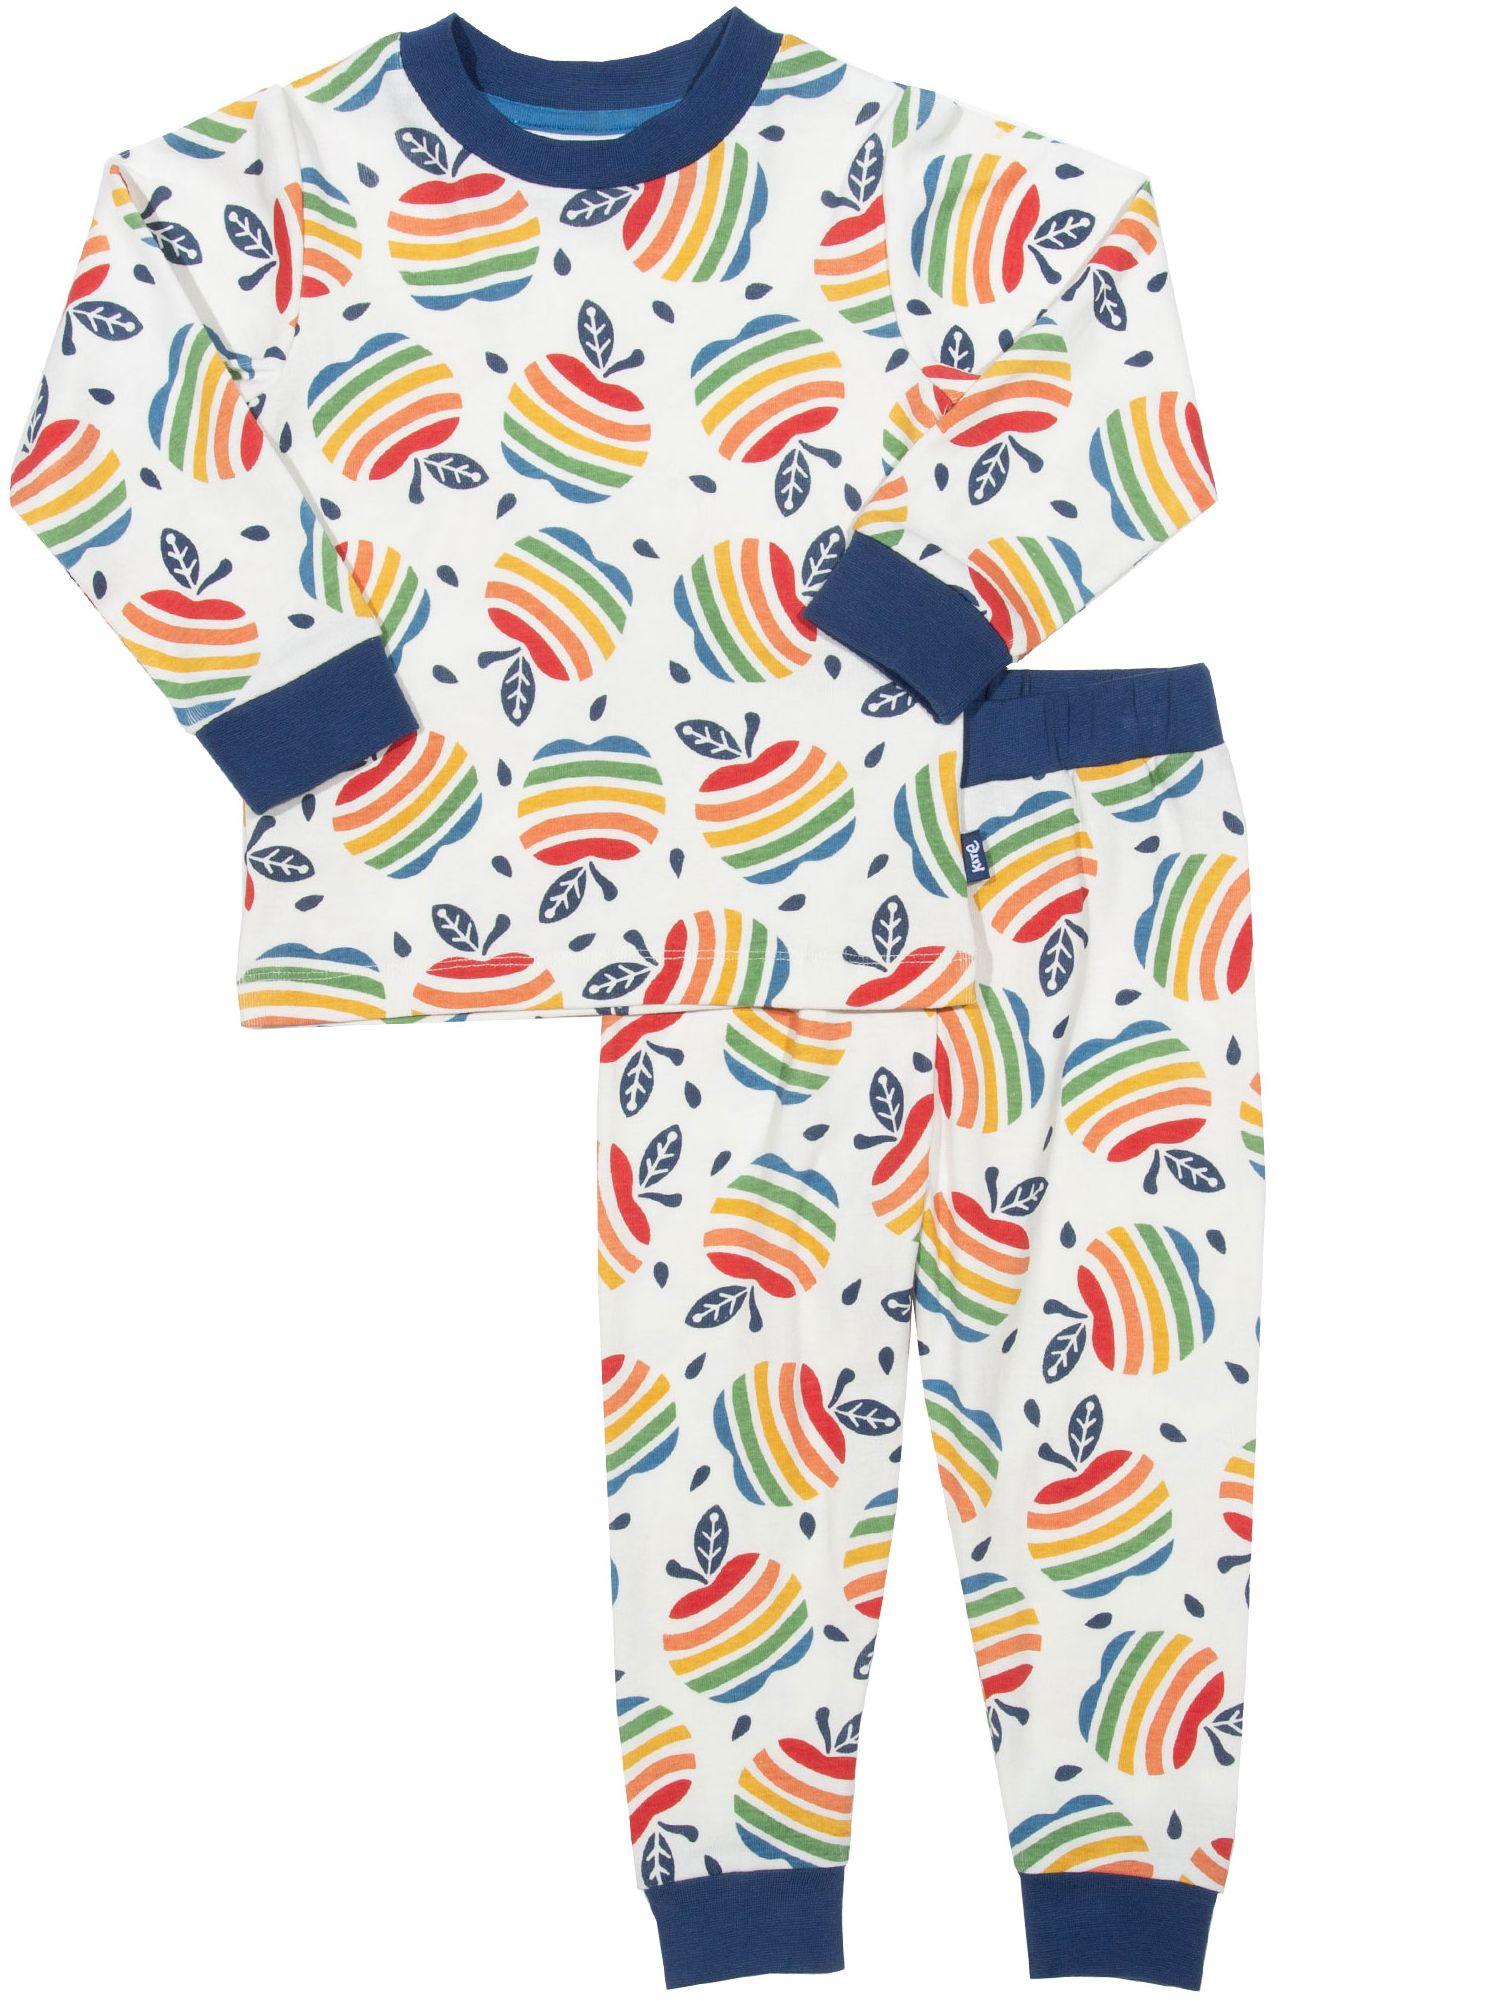 Zweiteiliger Schlafanzug für Kinder mit buntem Apfel-Muster